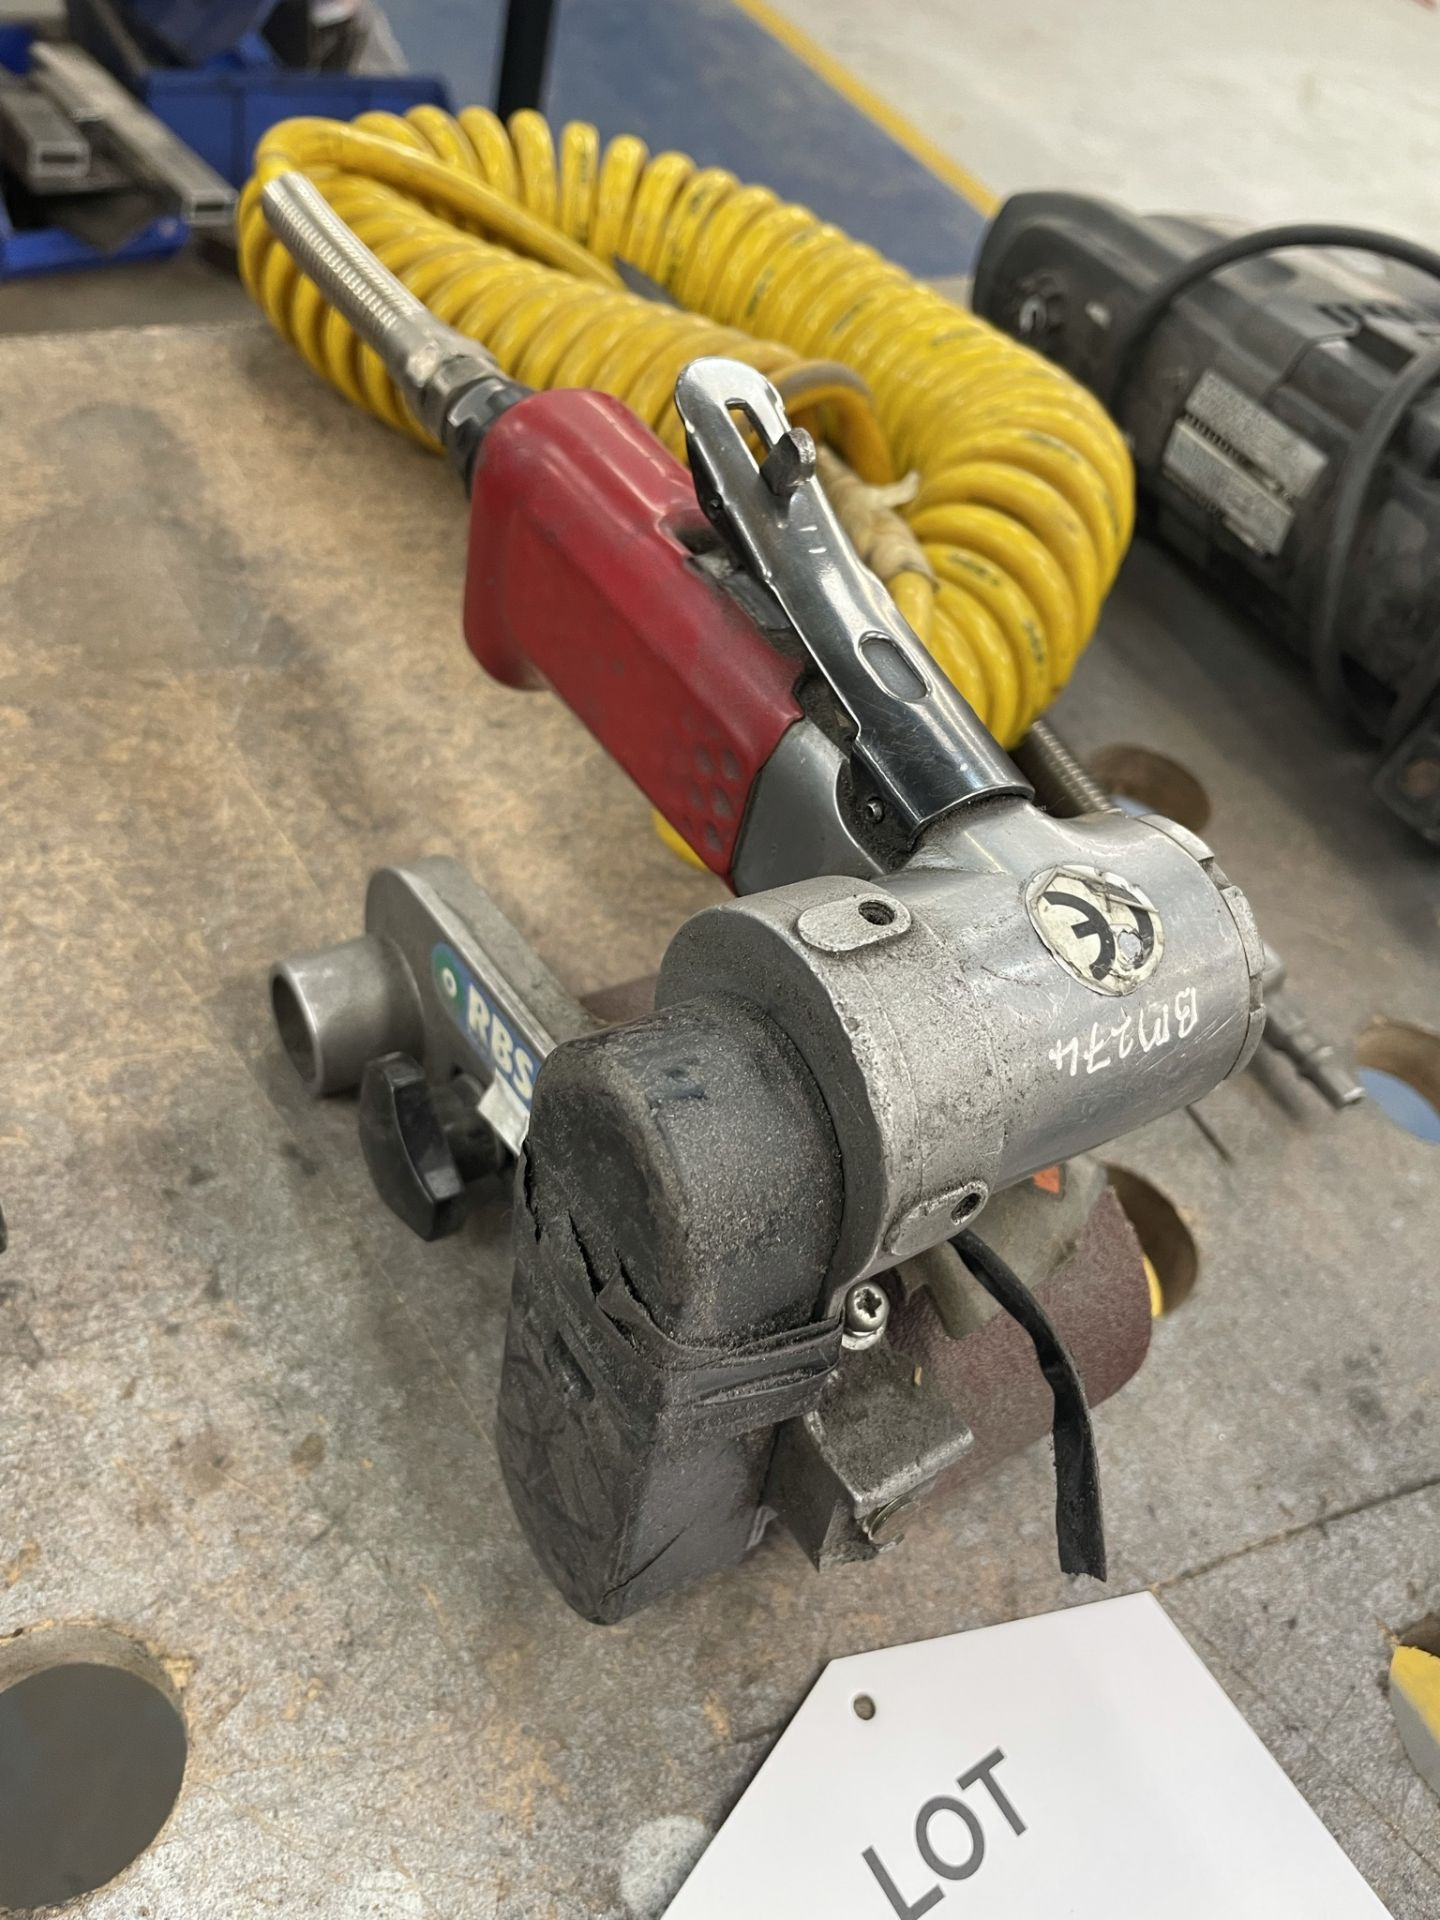 Pneumatic Roller Belt Sander - Image 2 of 4